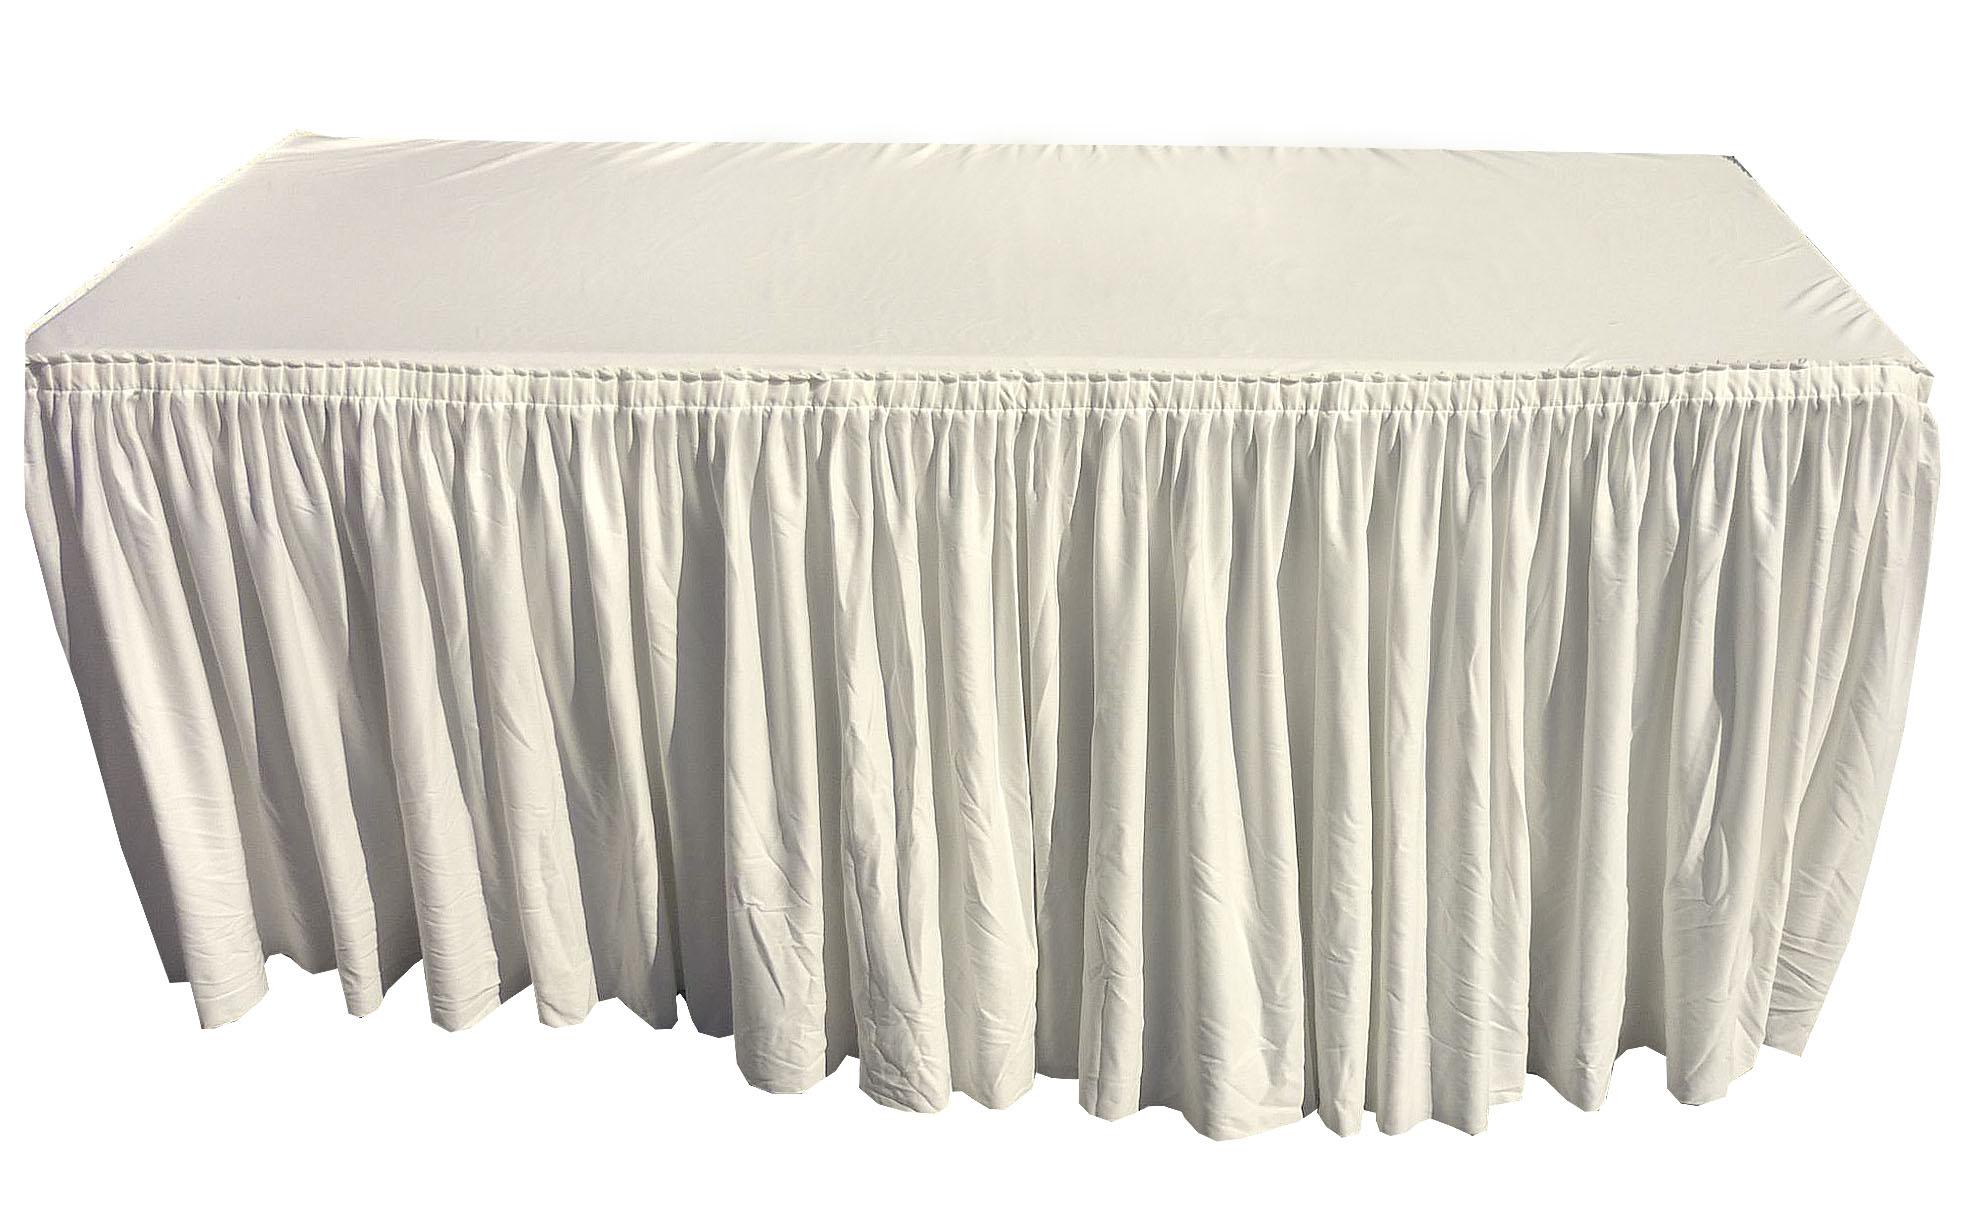 Alquiler de mantel funda beige plisado para mesa 180x75cm casagay - Mantel para mesa exterior ...